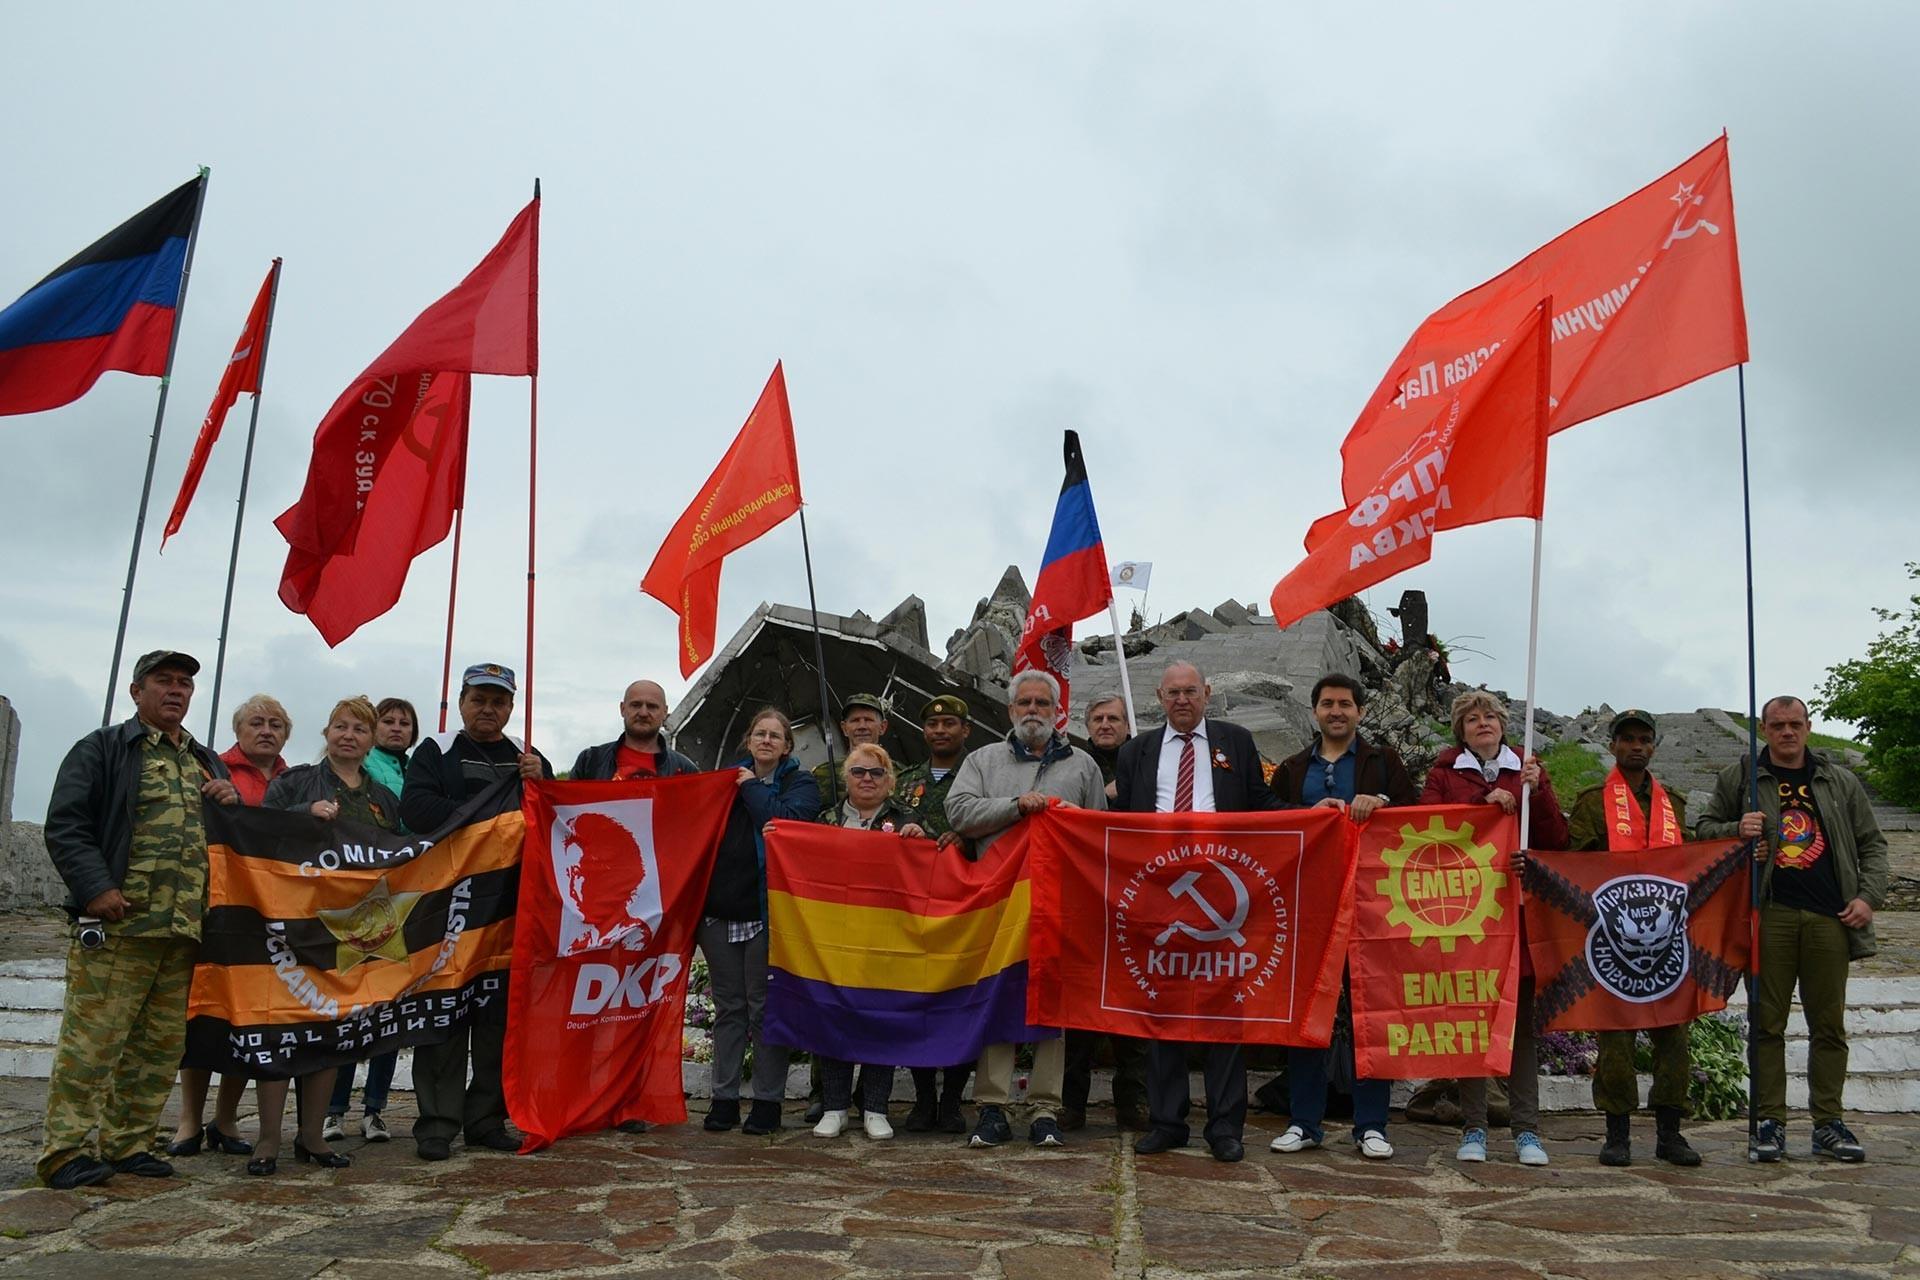 Donbass'ta antifaşist forum: Uluslararası mücadelenin önemi artıyor